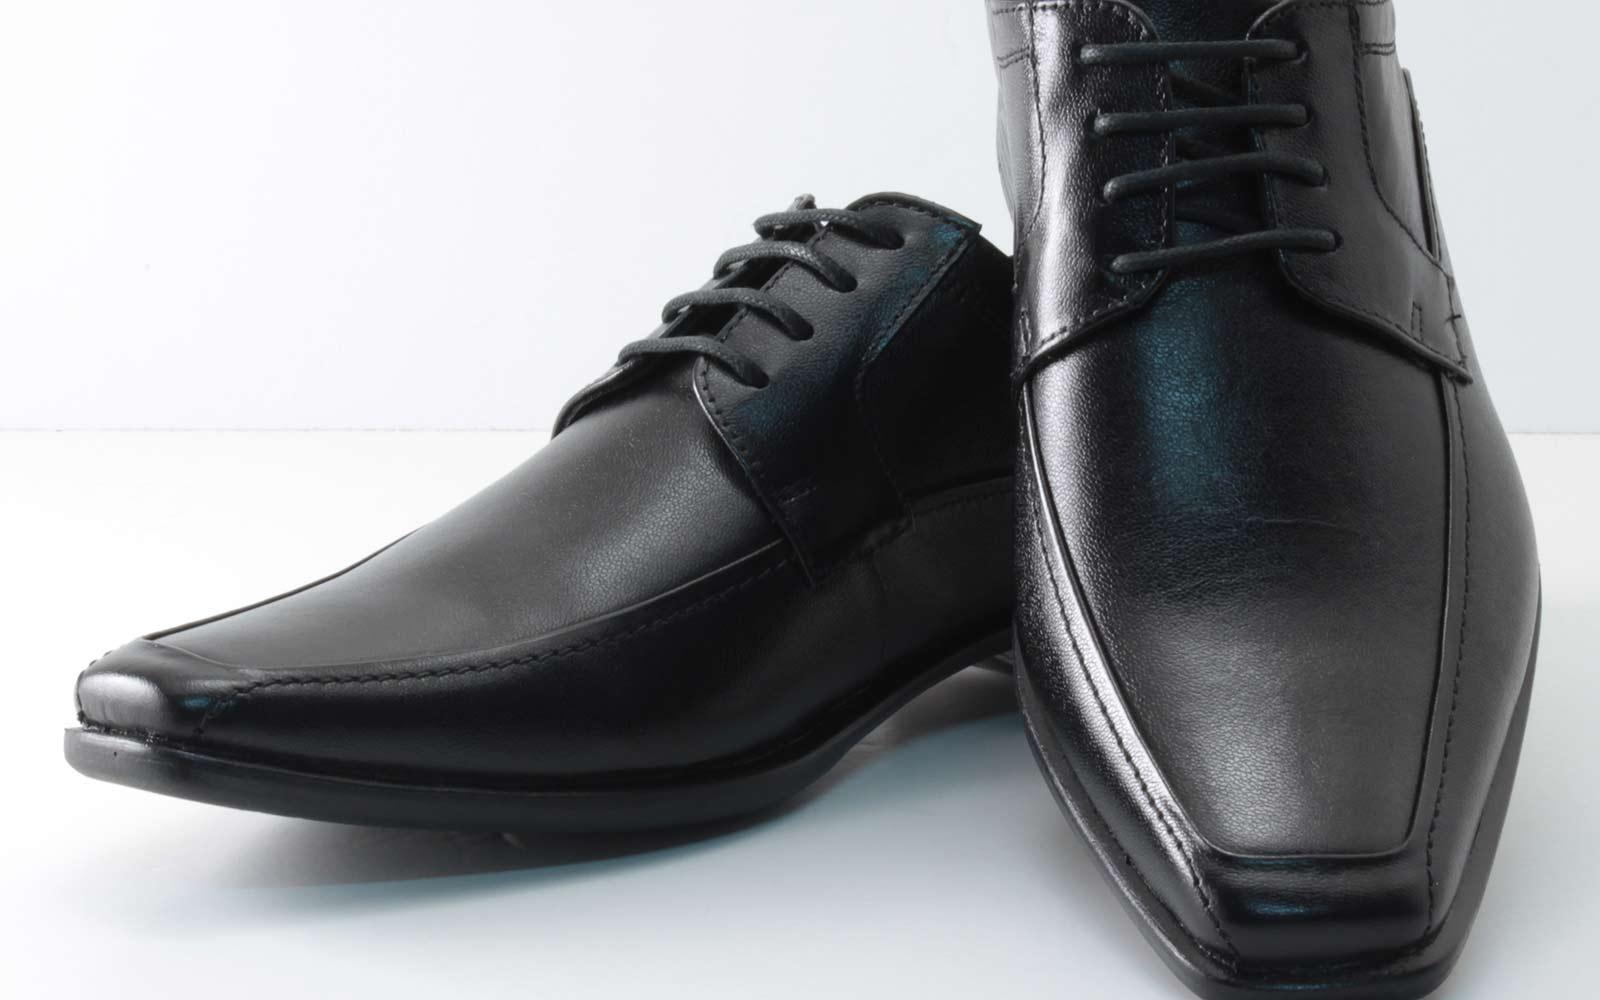 Sapato Social Democrata Hampton Cadarço Masculino 430025